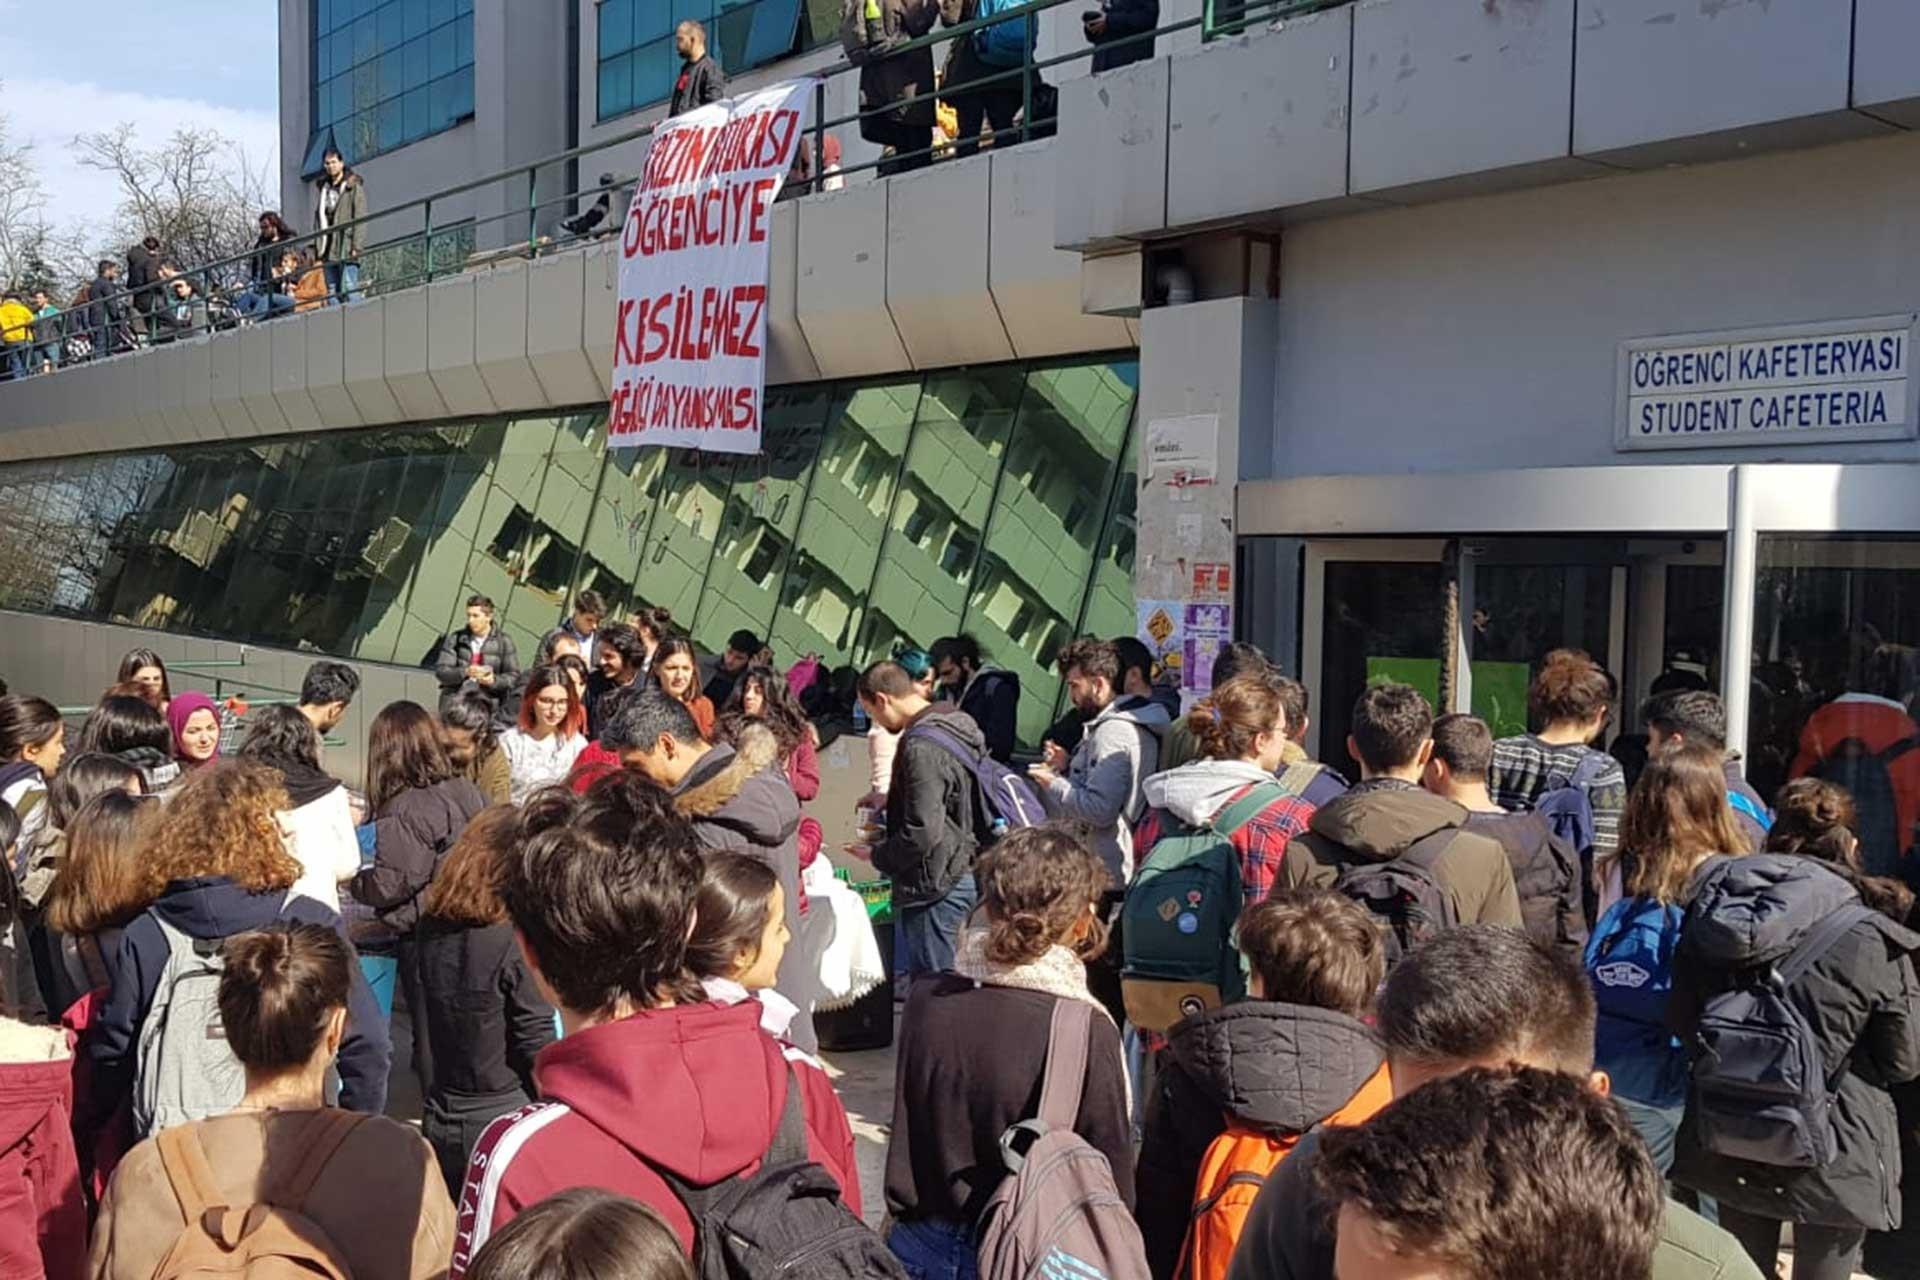 Boğaziçi Üniversitesinde yemekhane boykotu